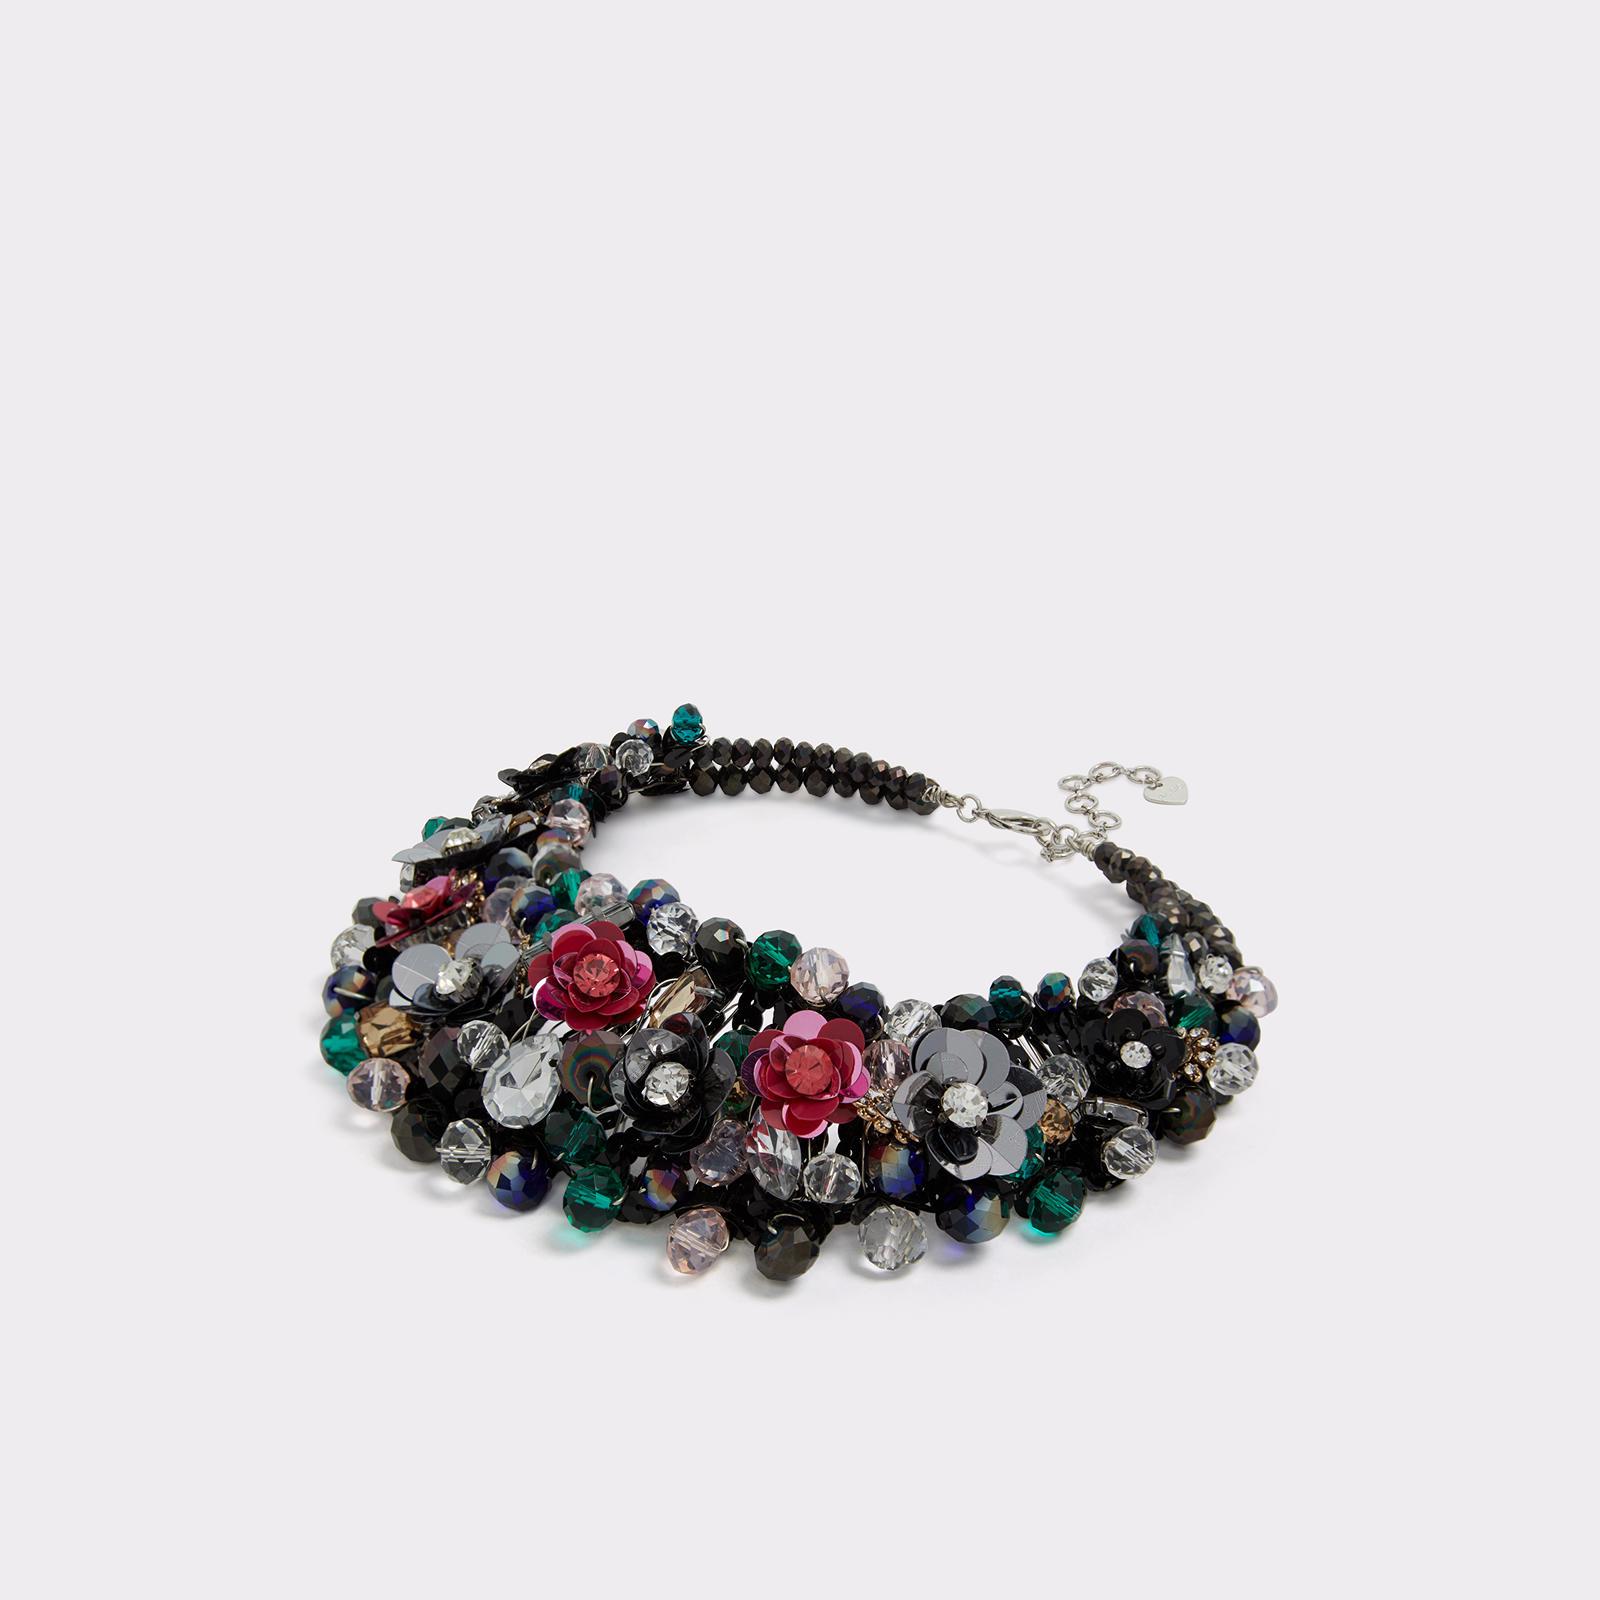 Gerilian Bright Multi Women's Necklaces